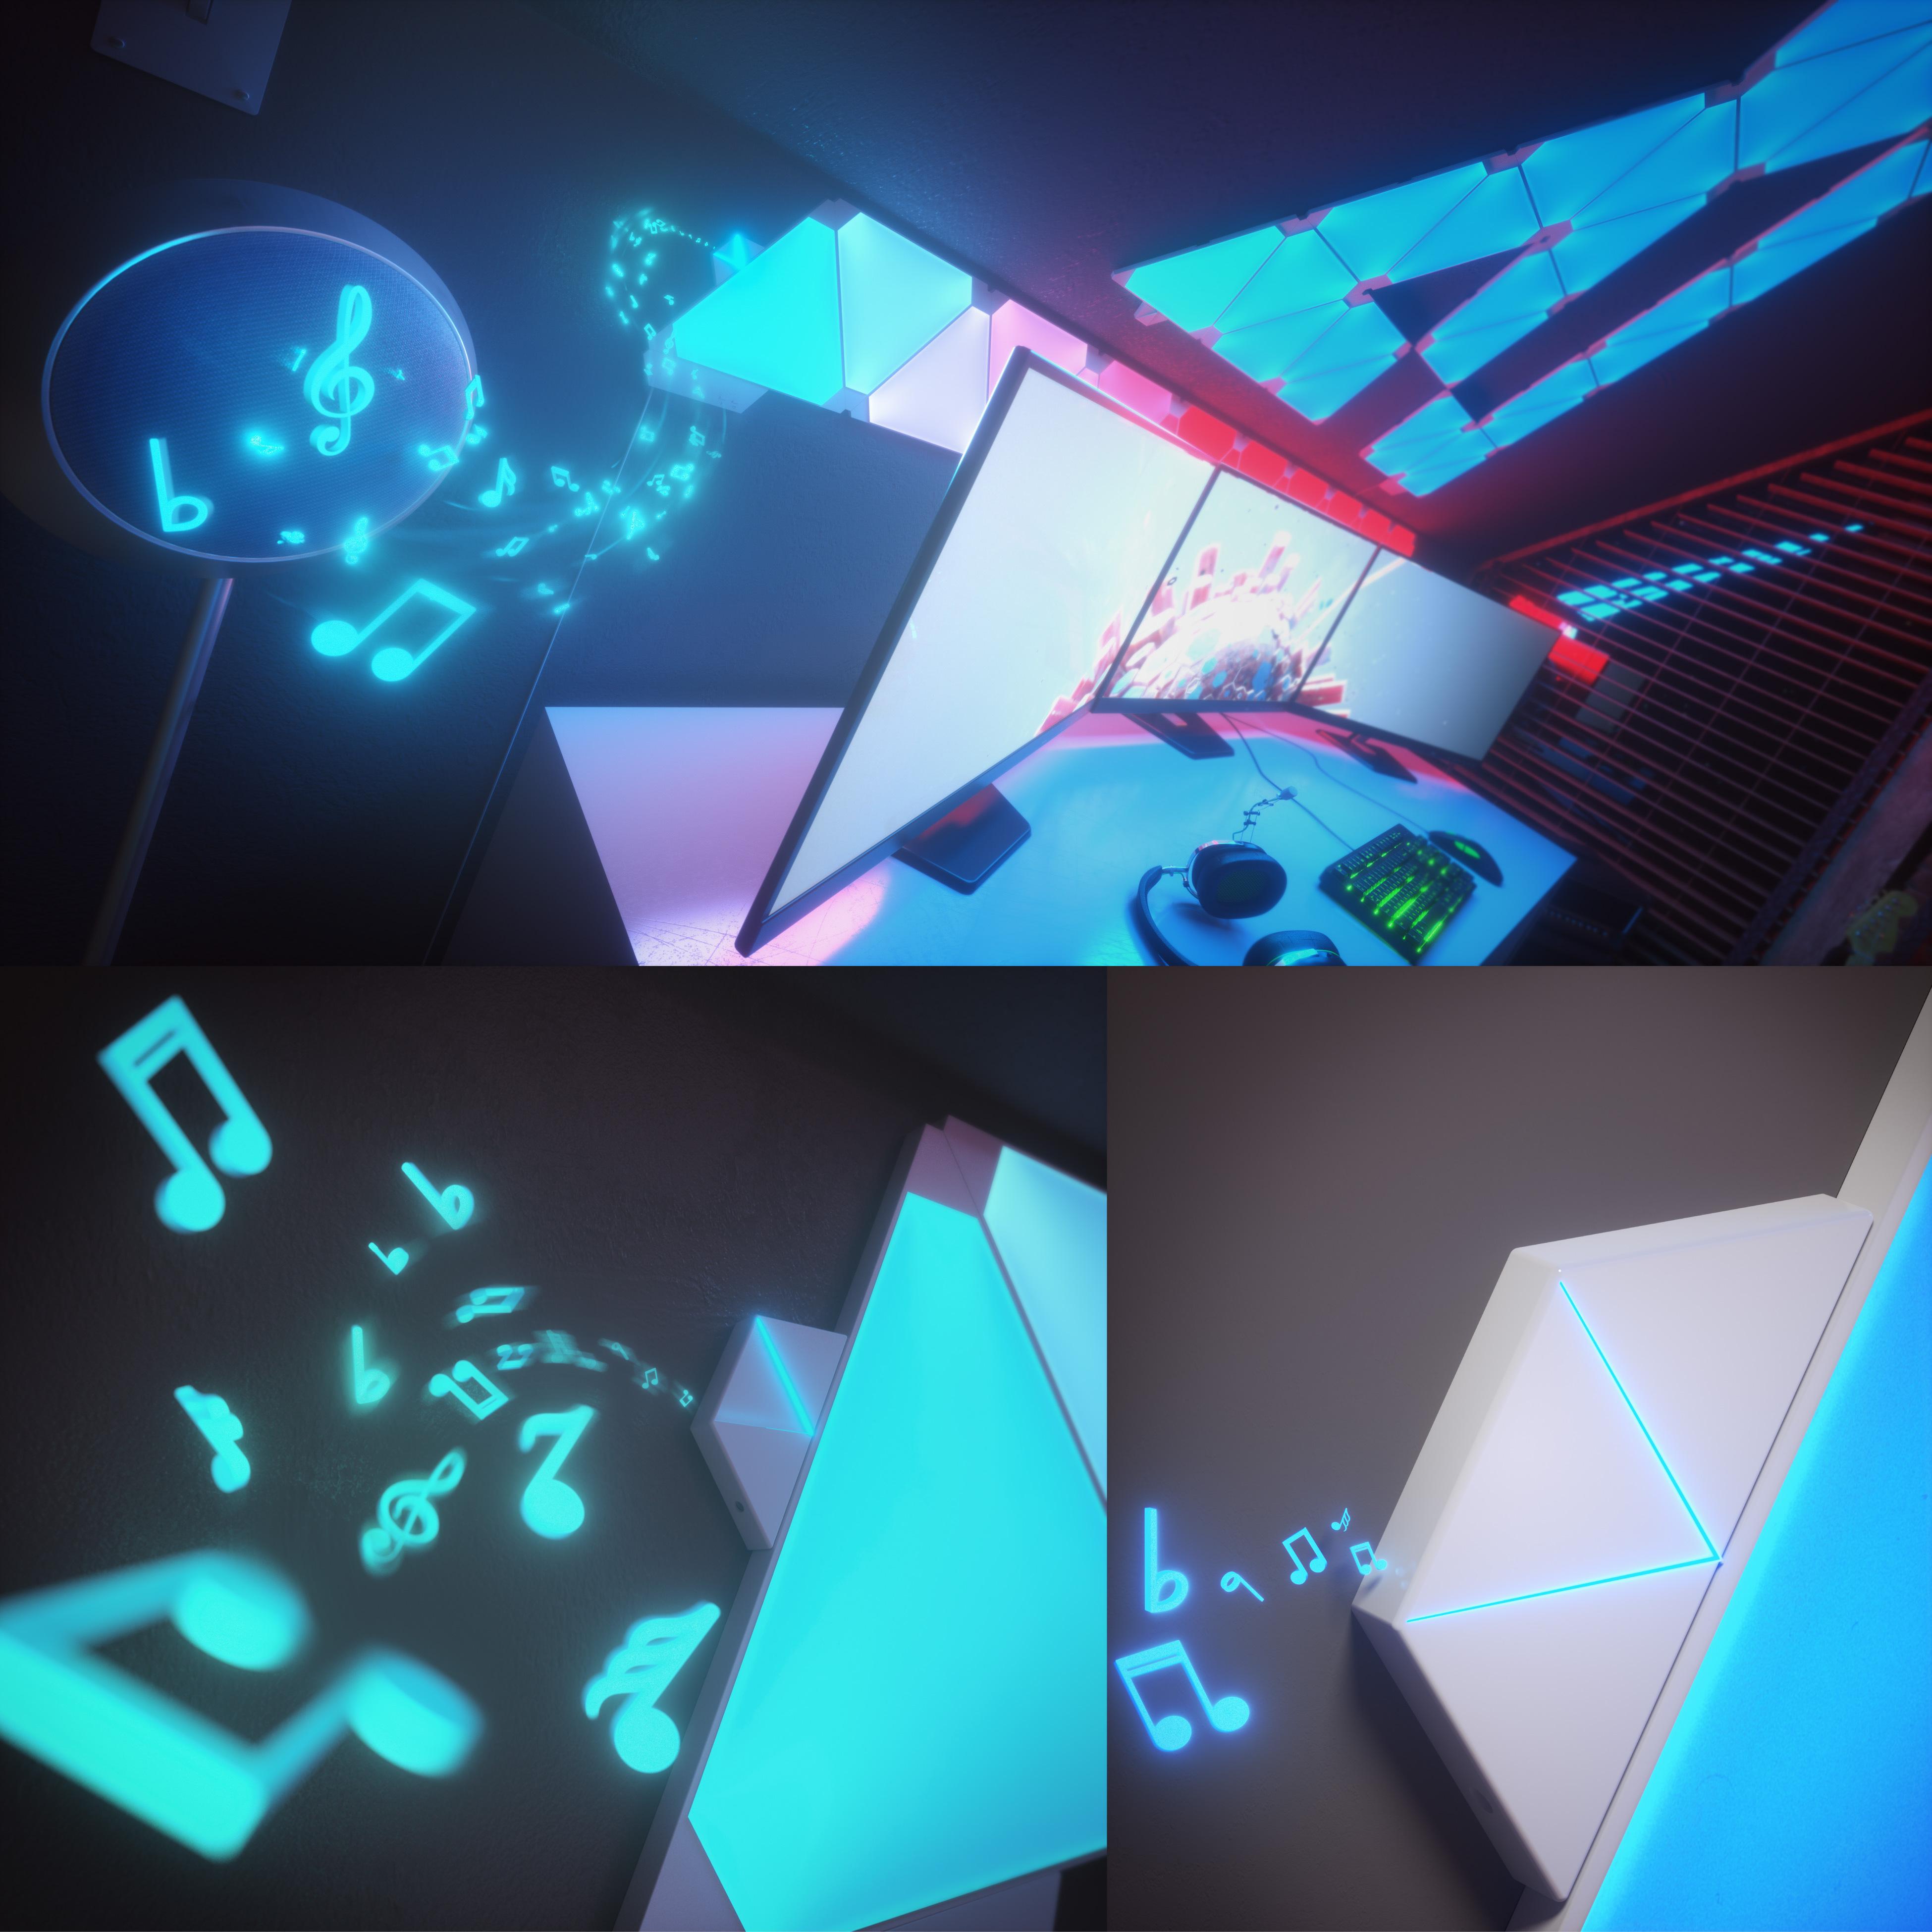 Battle-Statation-All-Boards_3900X3900_RGB-01